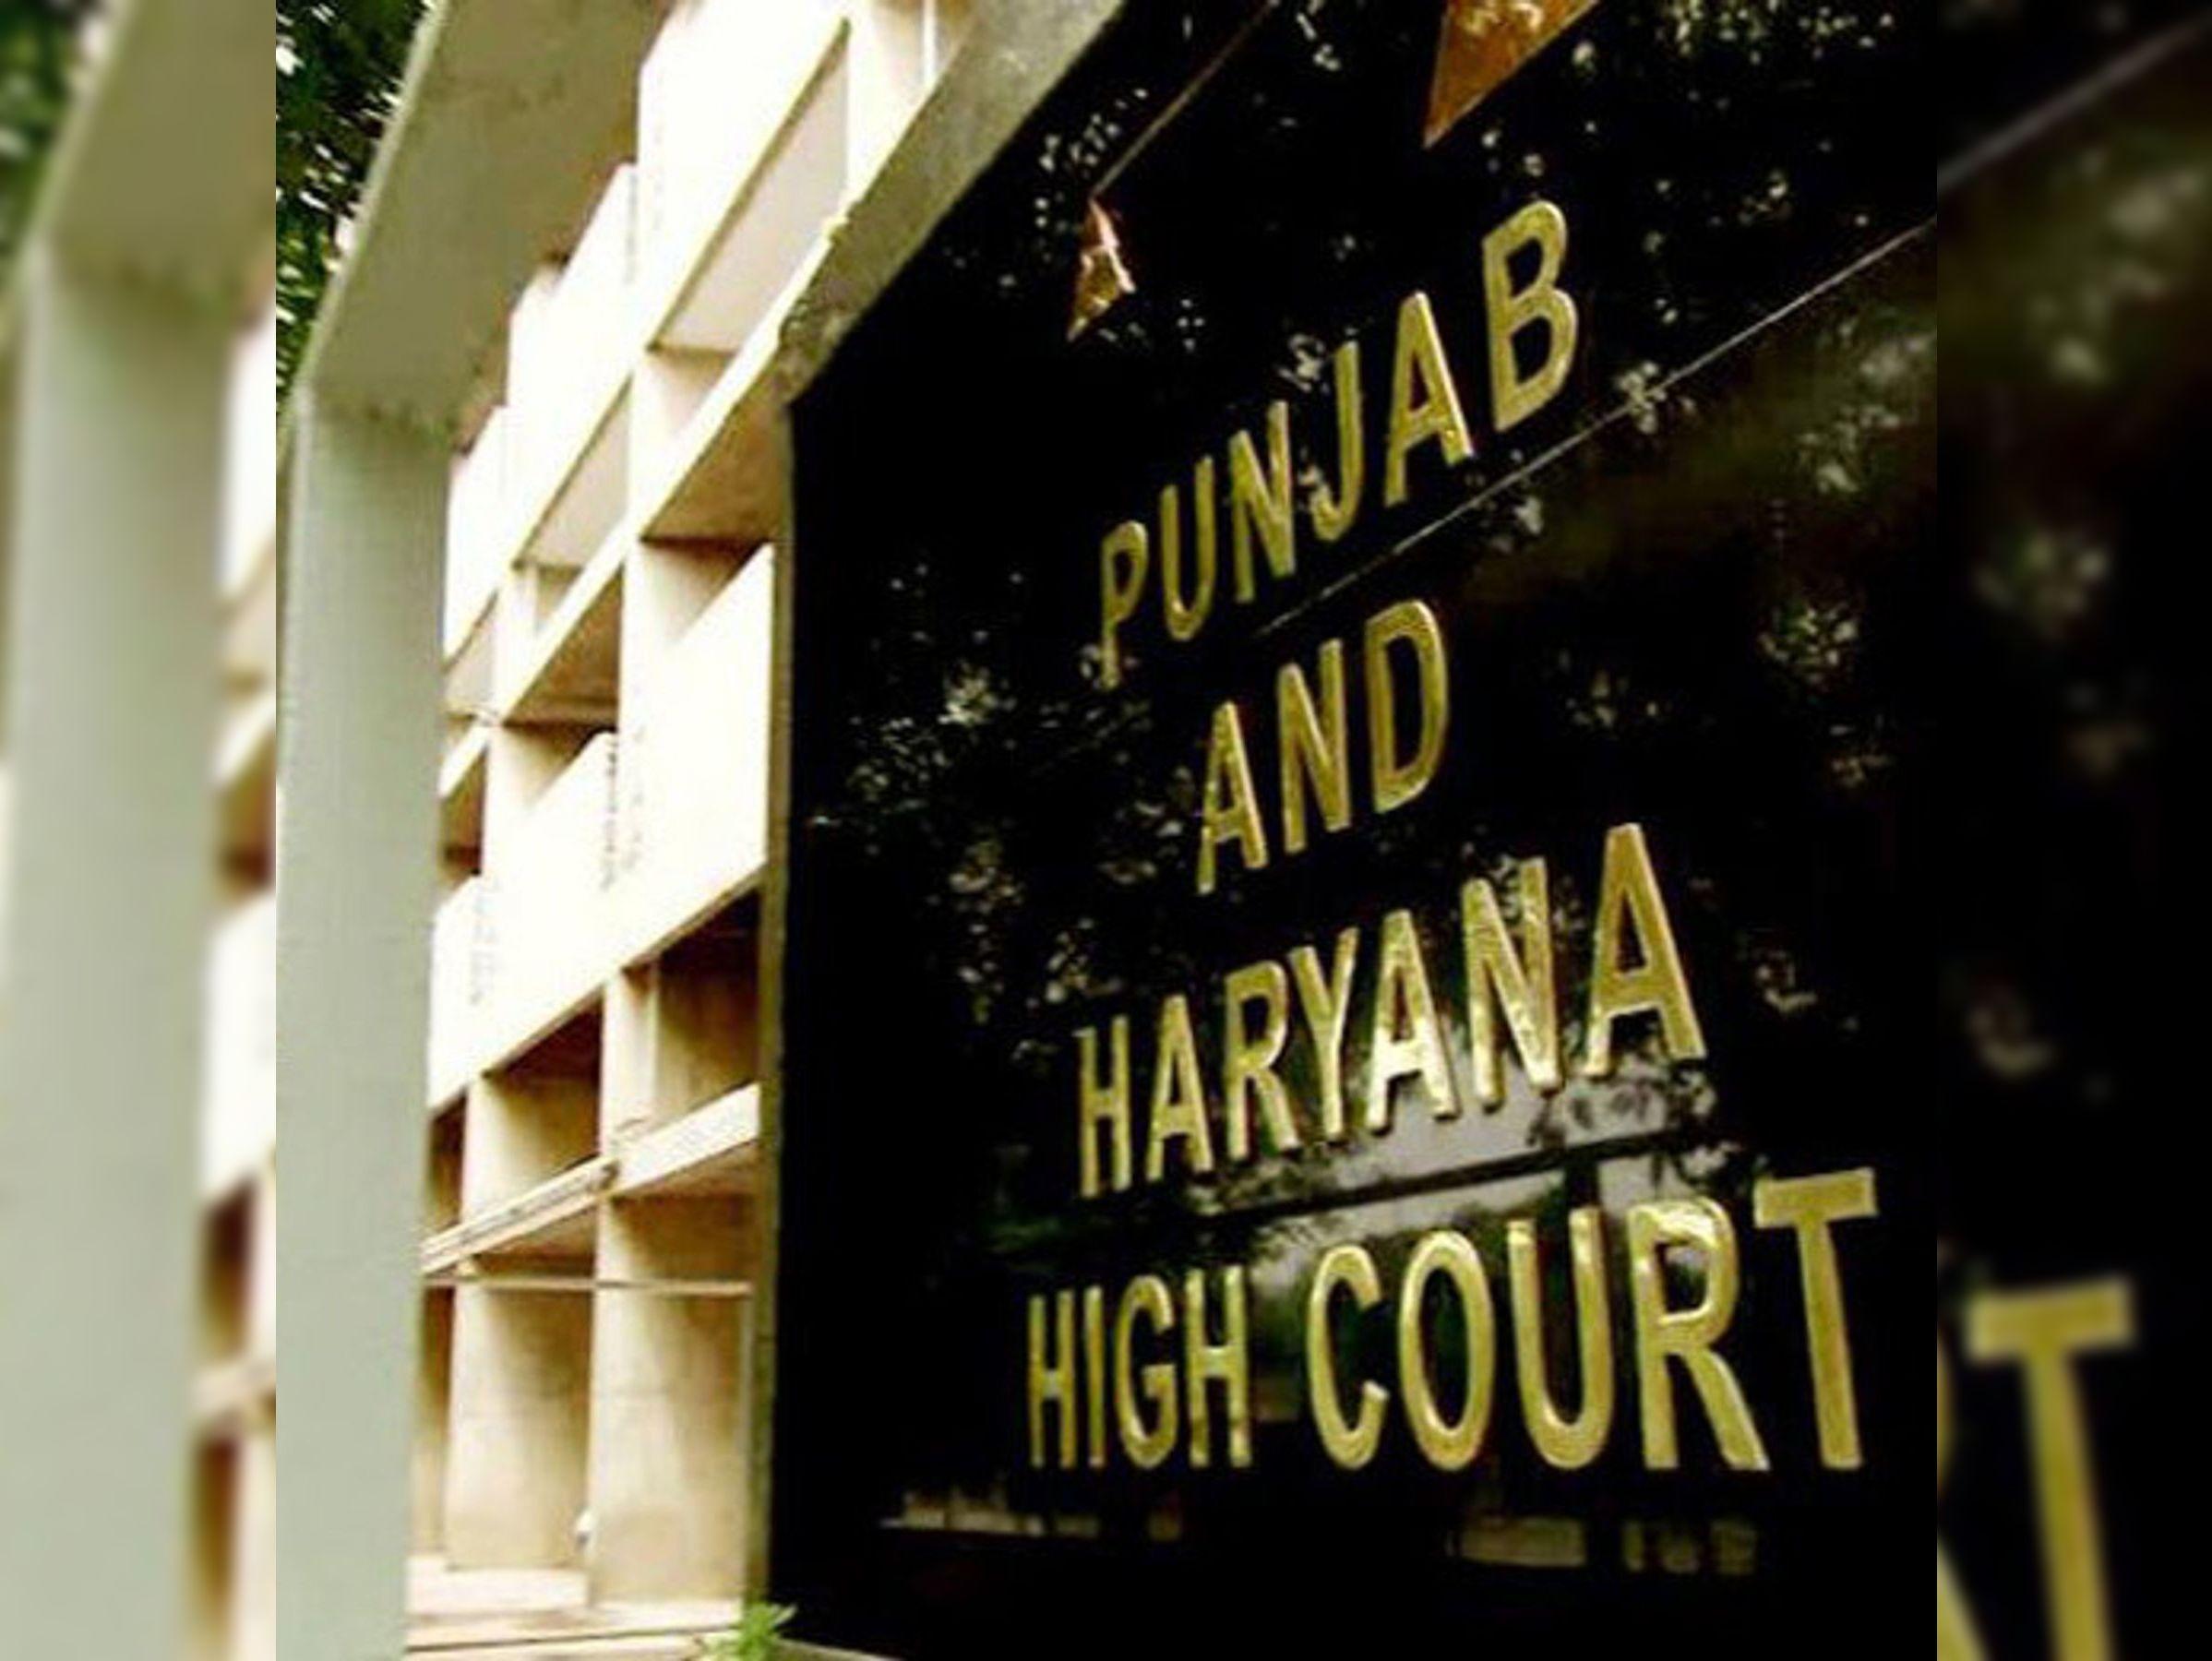 गिरफ्तारी से बचने के लिए पंजाब एंड हरियाणा हाईकोर्ट से आरोपी ने फिर मांगी अग्रिम जमानत|चंडीगढ़,Chandigarh - Dainik Bhaskar